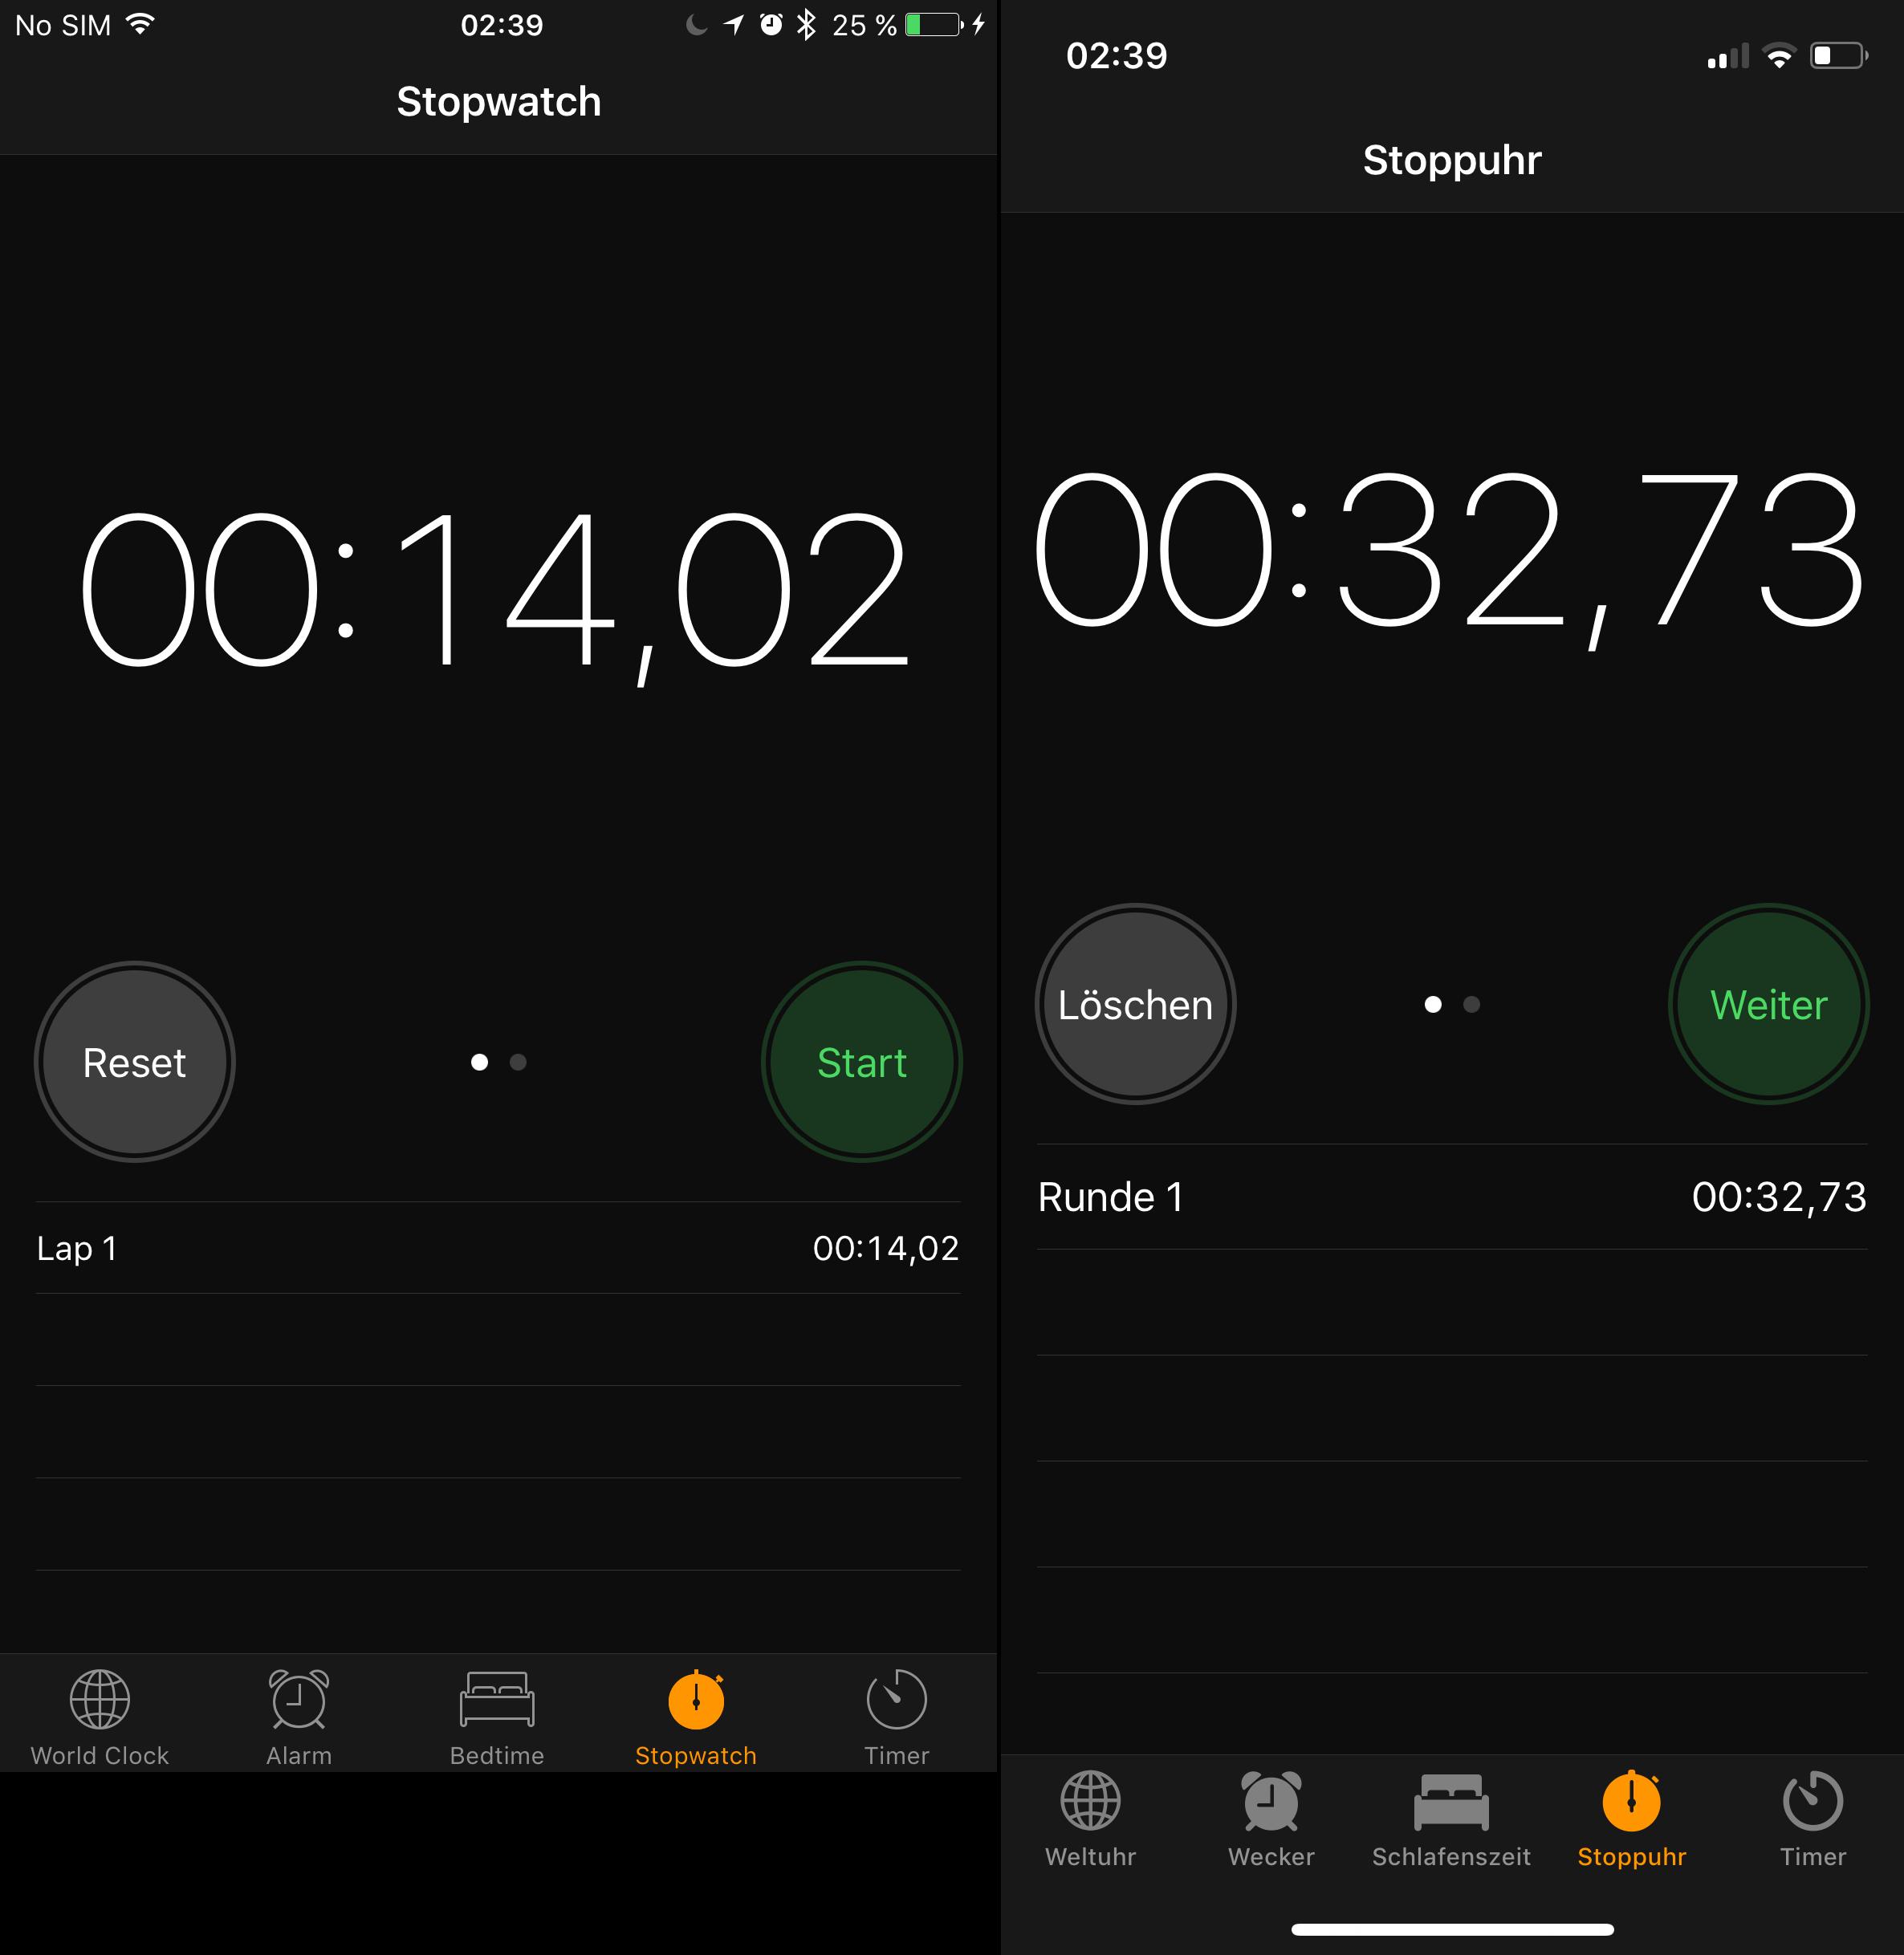 Startzeit vom iPhone X und vom iPhone 7 Plus, Hack4Life, Fabian Geissler